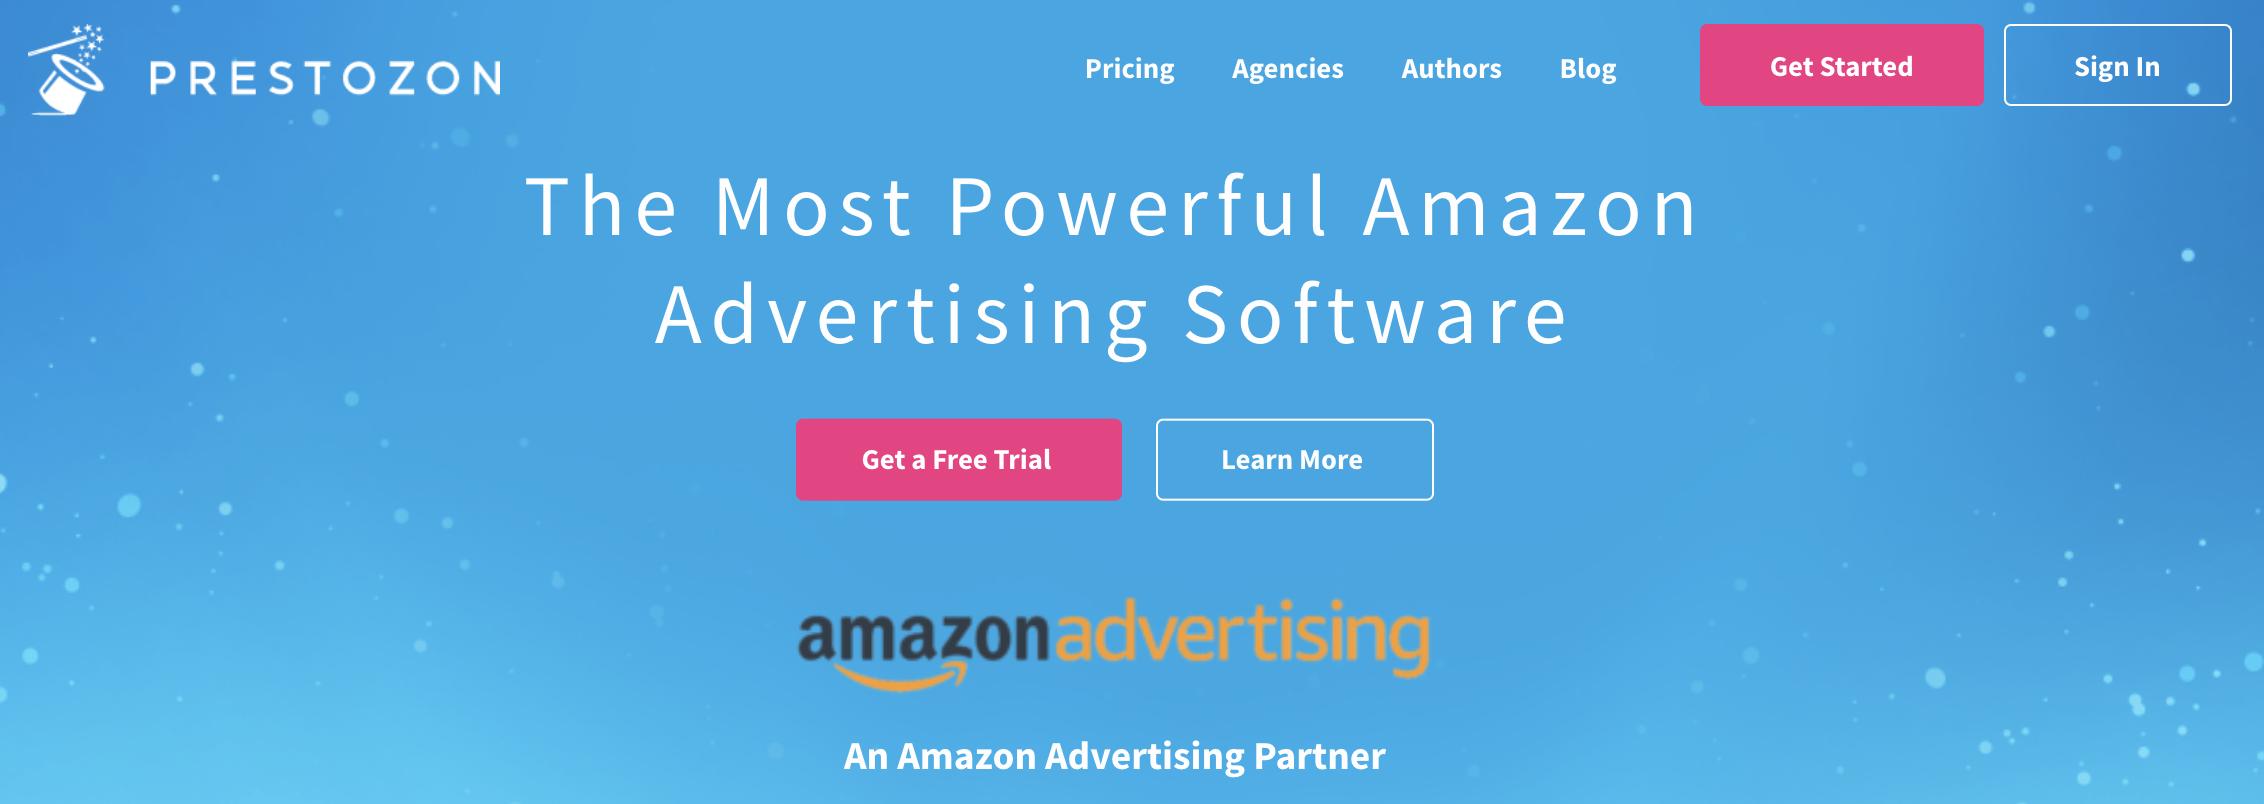 Prestozon, one of the best Amazon PPC tools